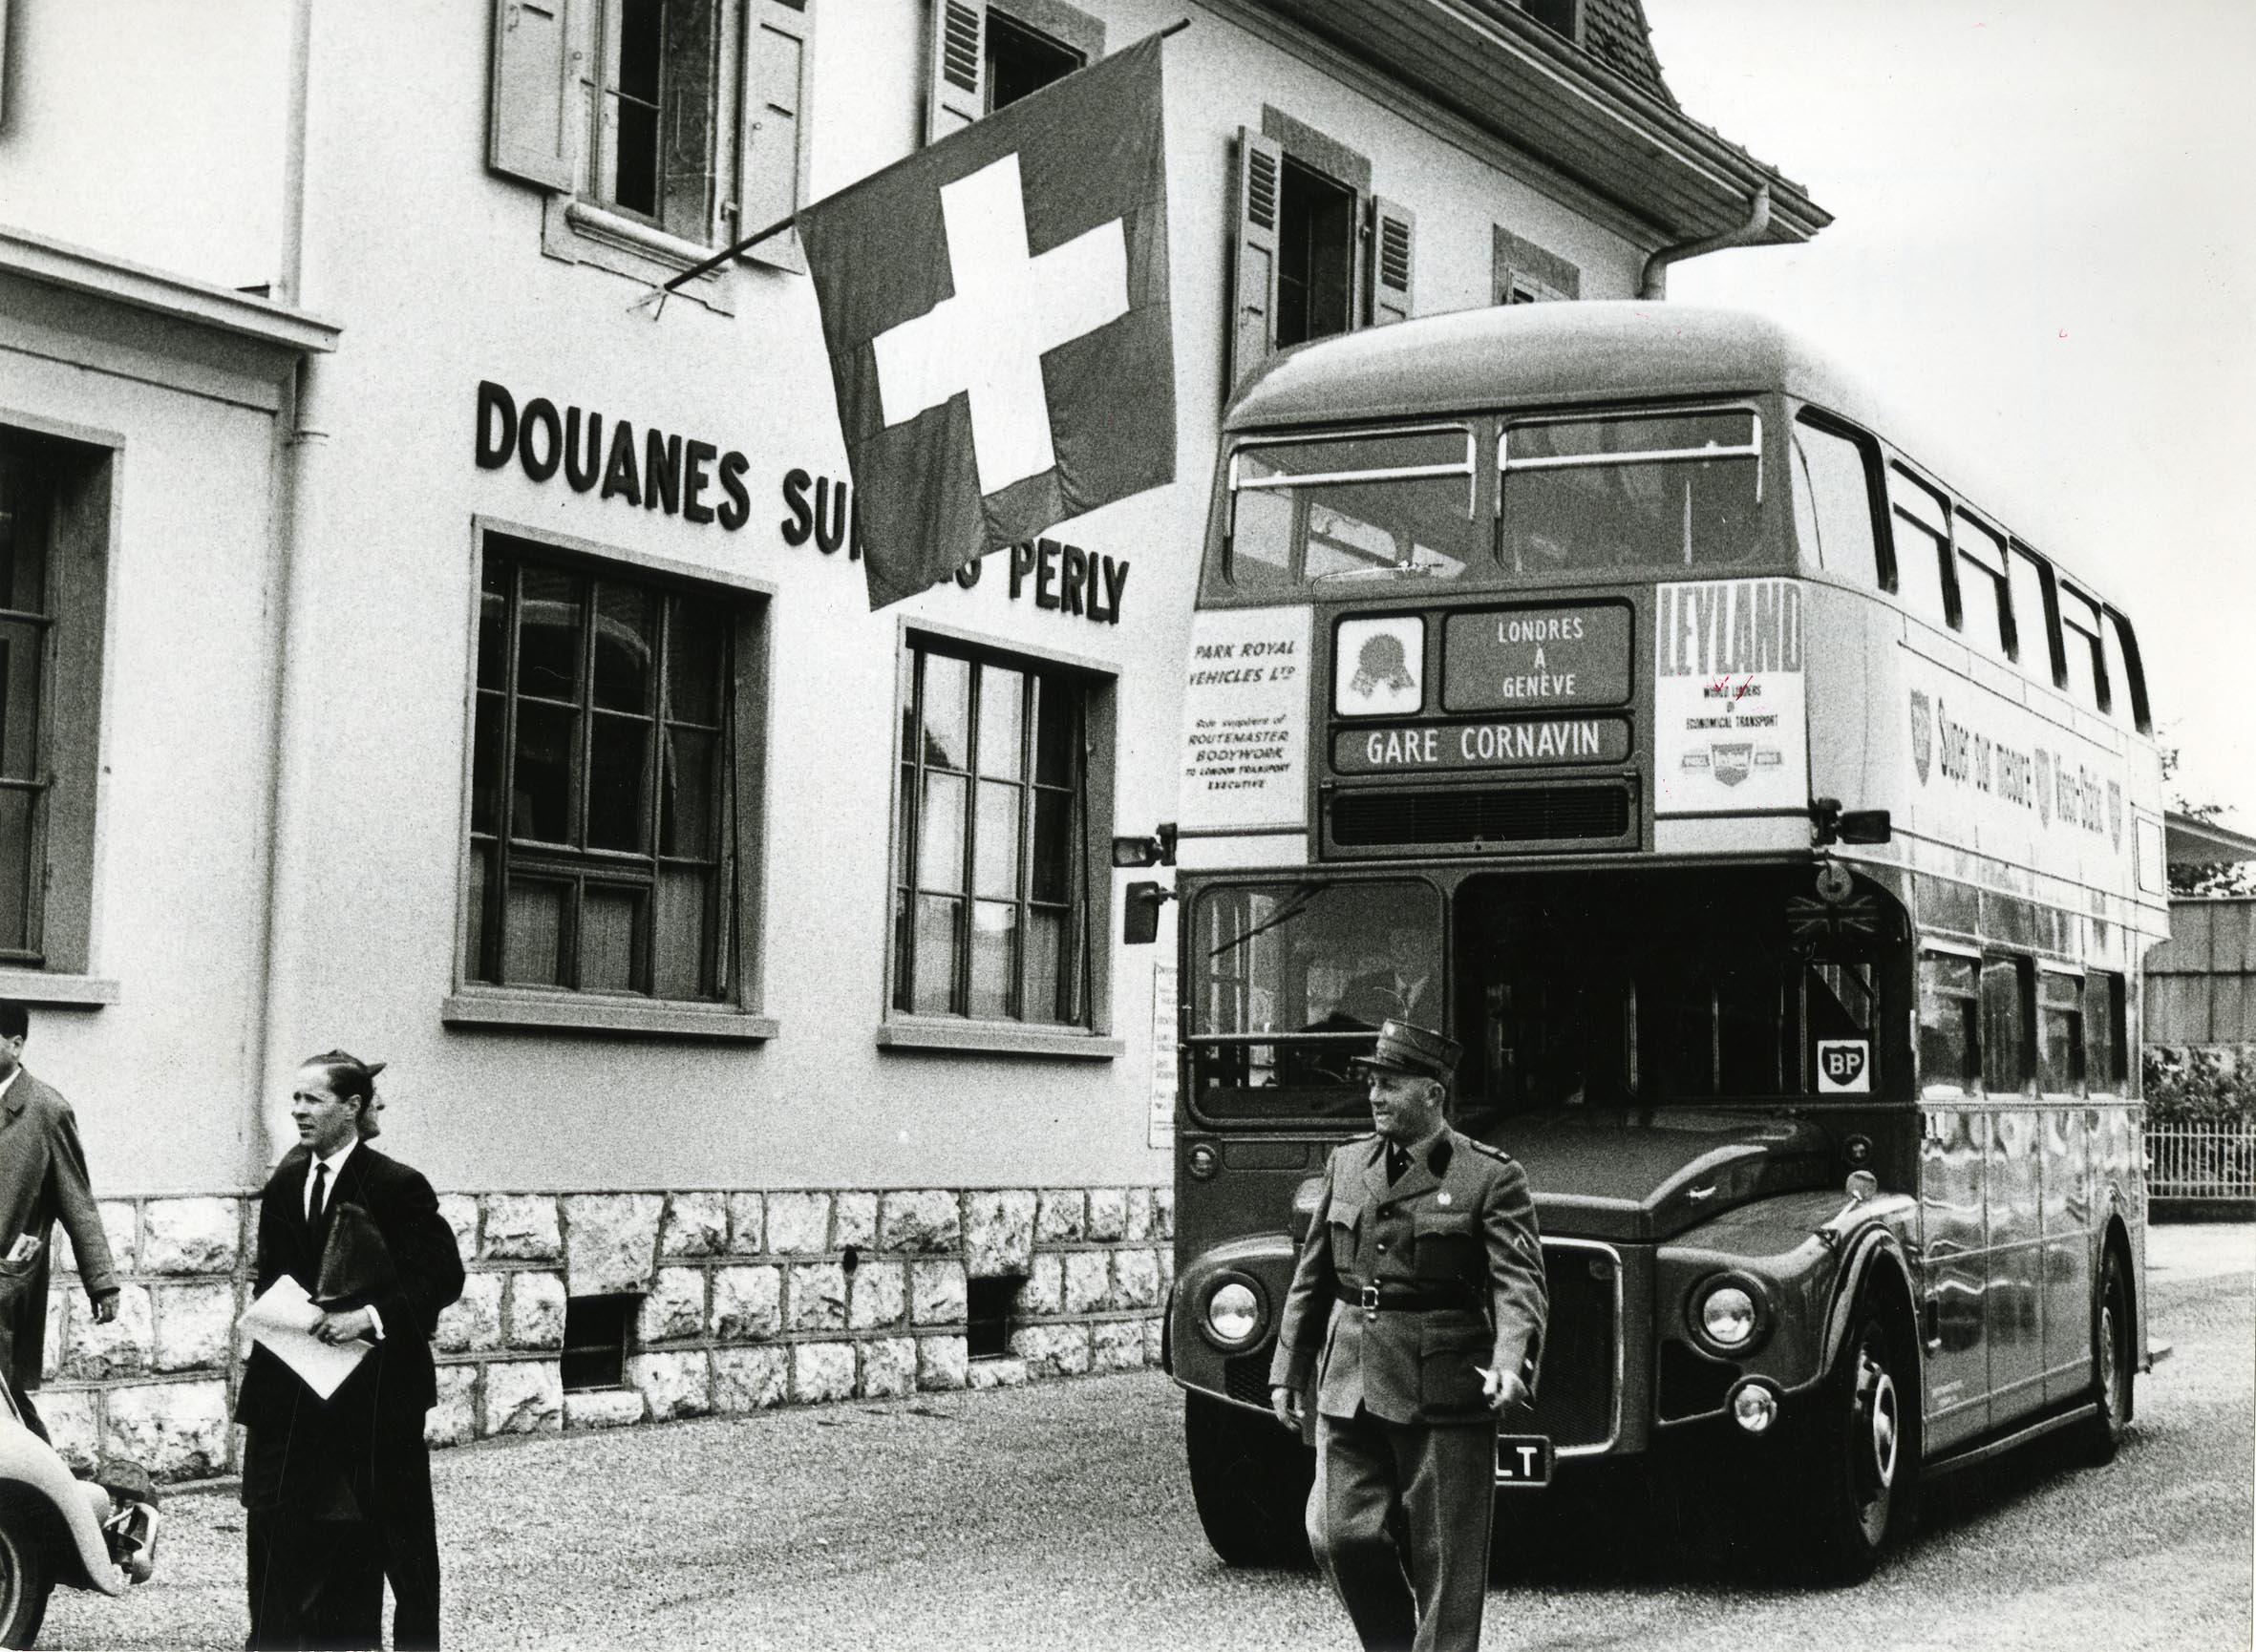 Perly, douane  autobus à impériale londonien en visite pour la quinzaine  britannique c0bdec563441